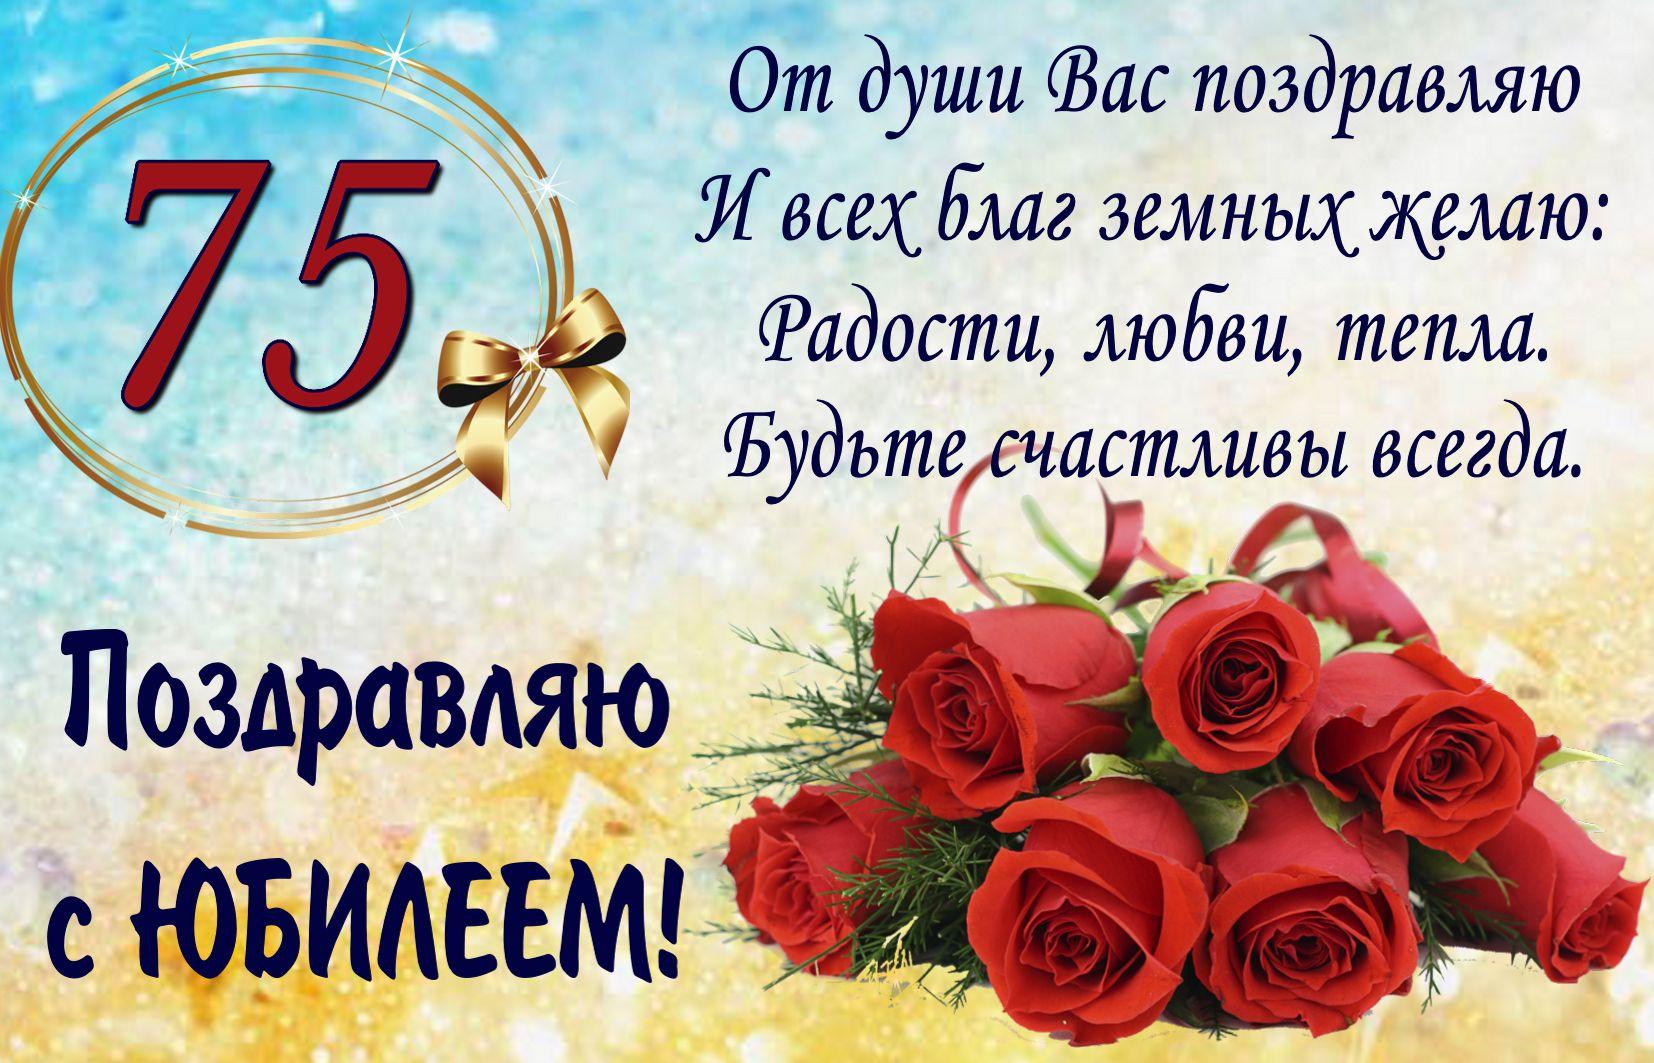 Поздравления с юбилеем 60 лет для елены